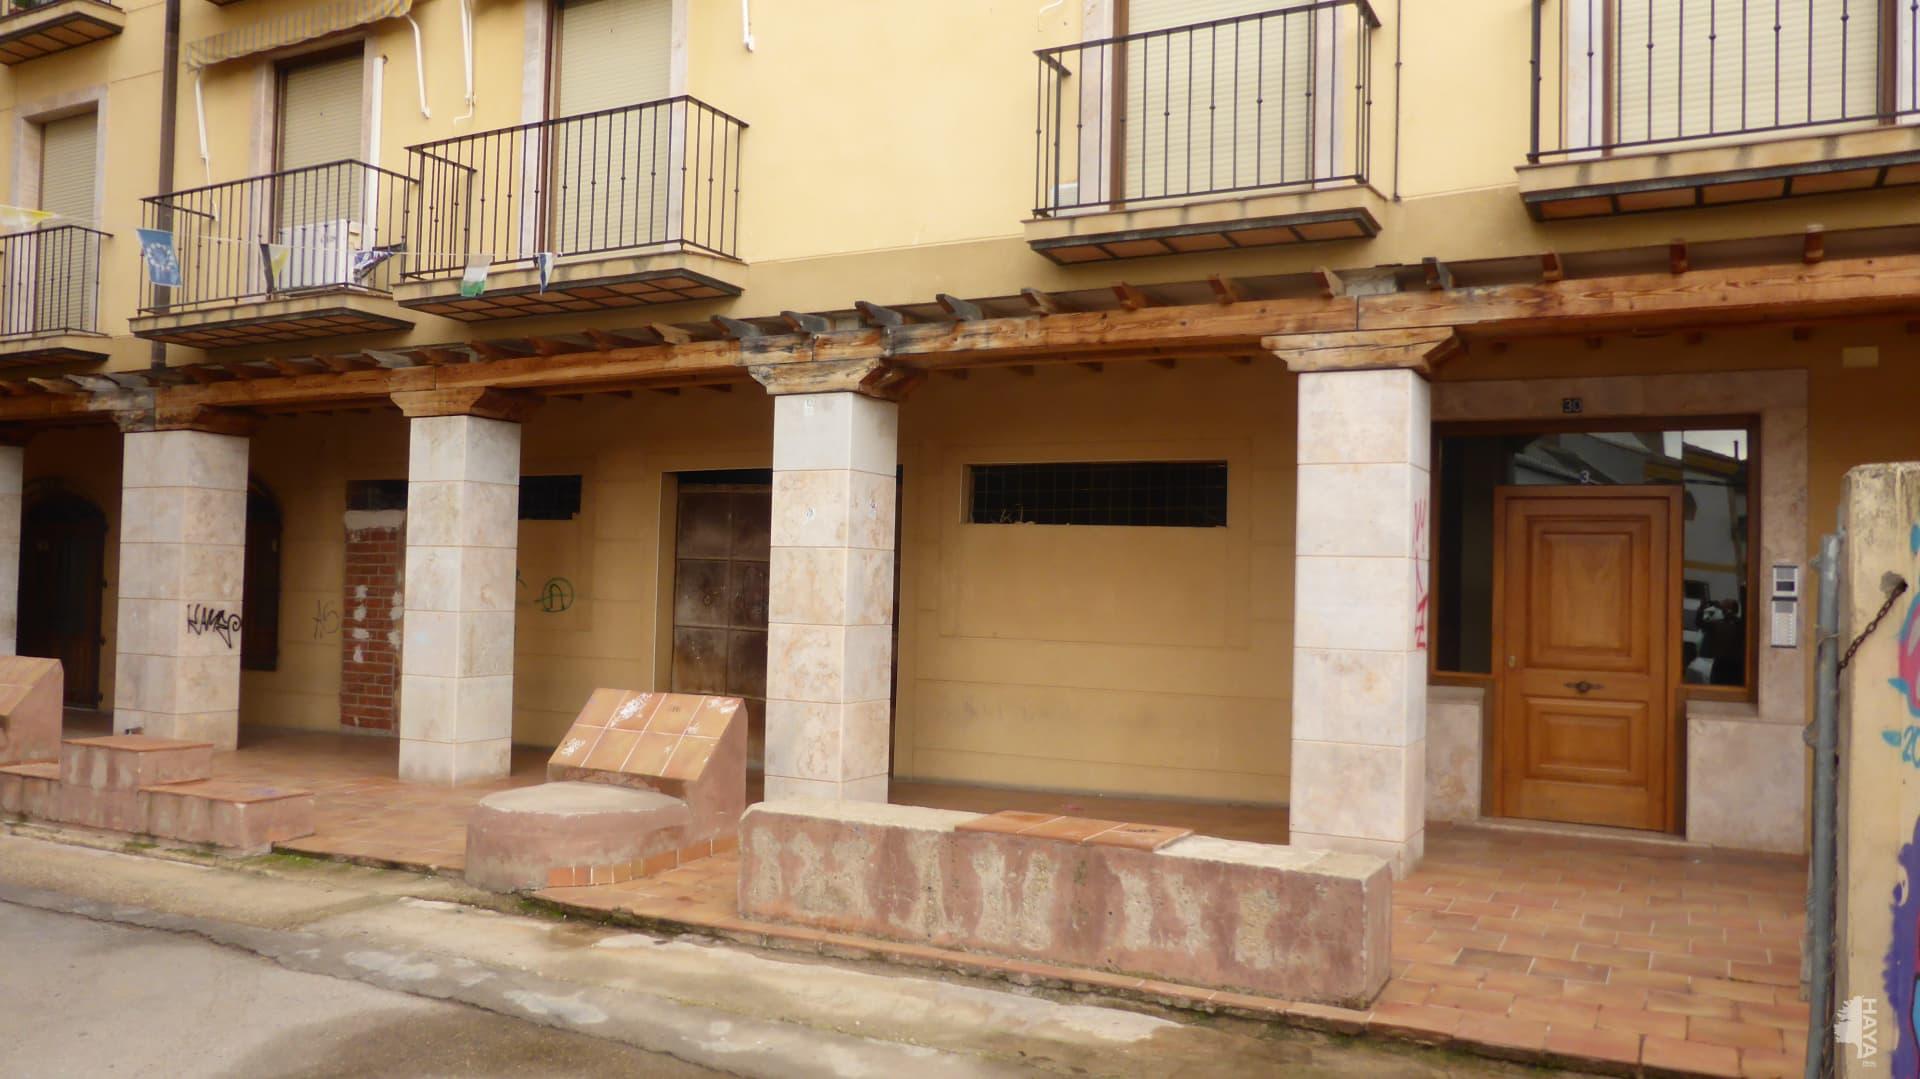 Local en venta en Herencia, Ciudad Real, Calle Mesones, 55.600 €, 112 m2